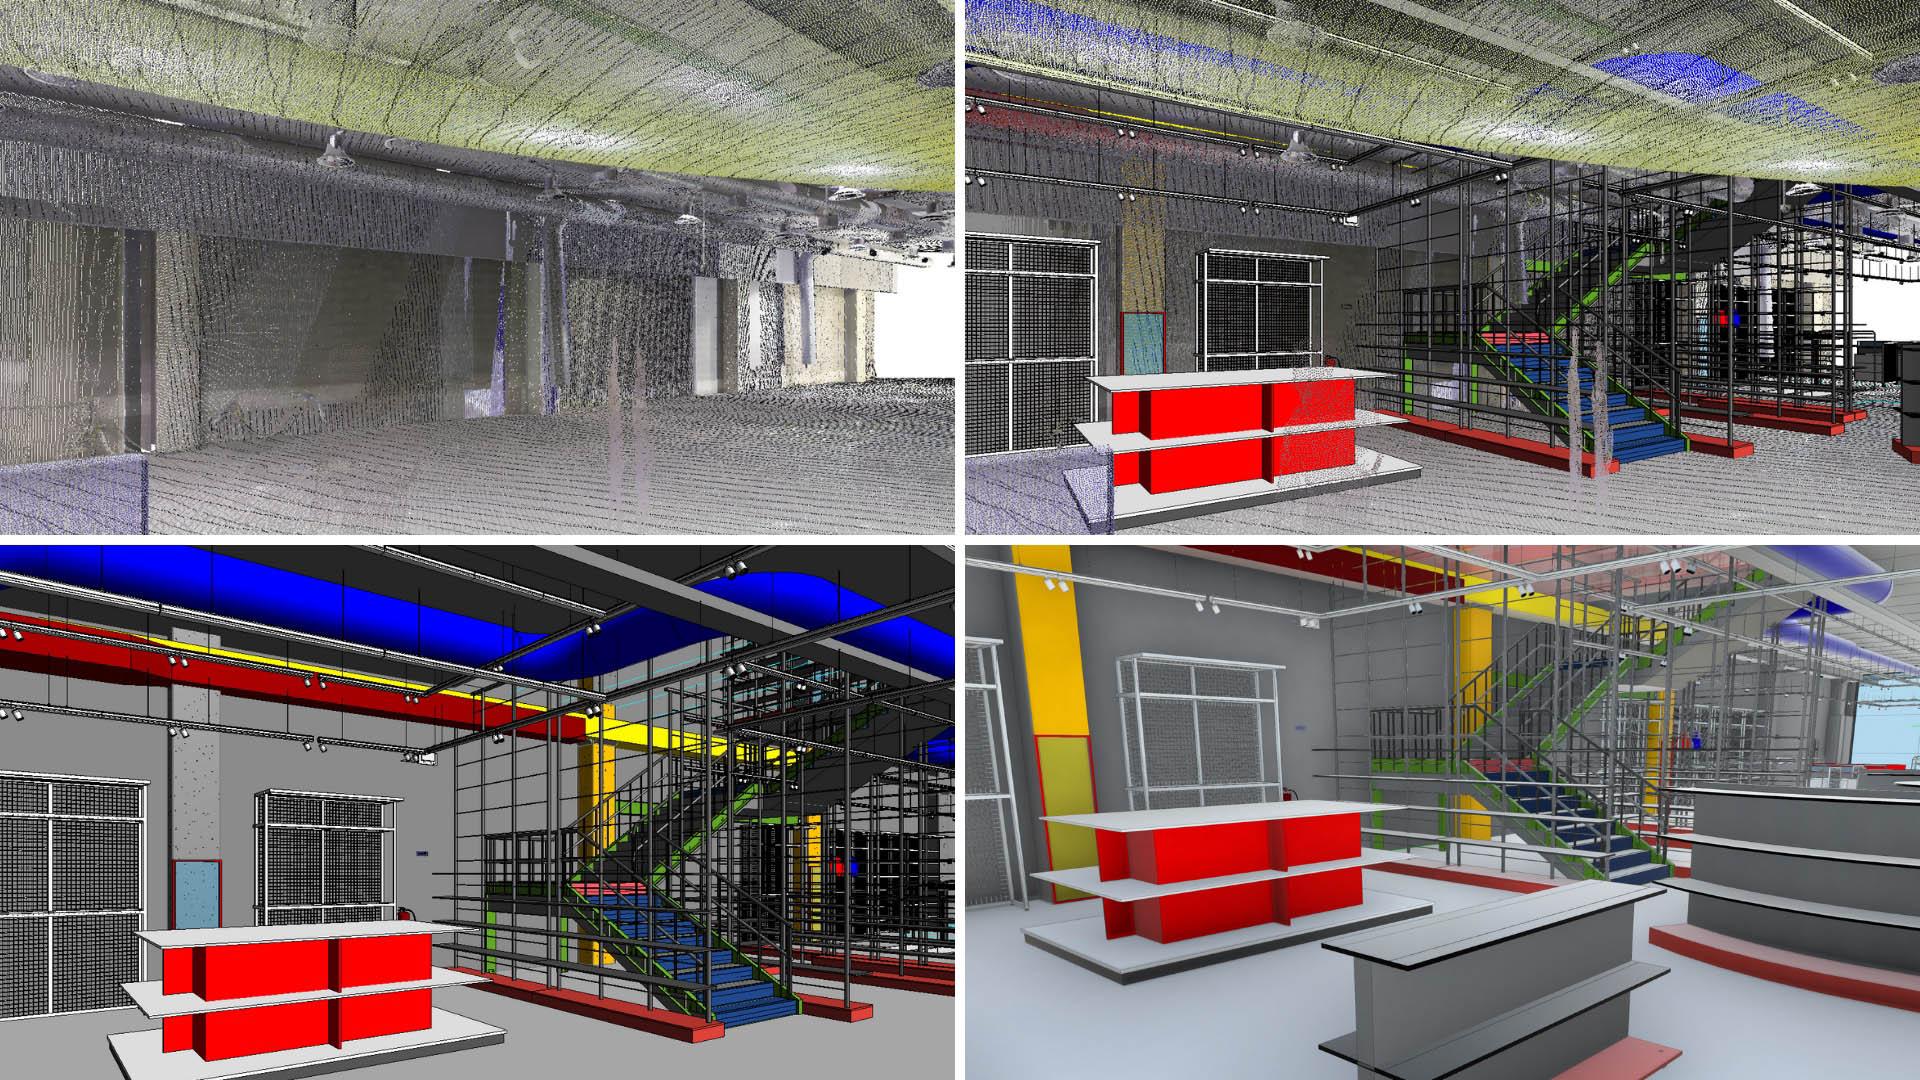 Motocard Badalona transformación 3D